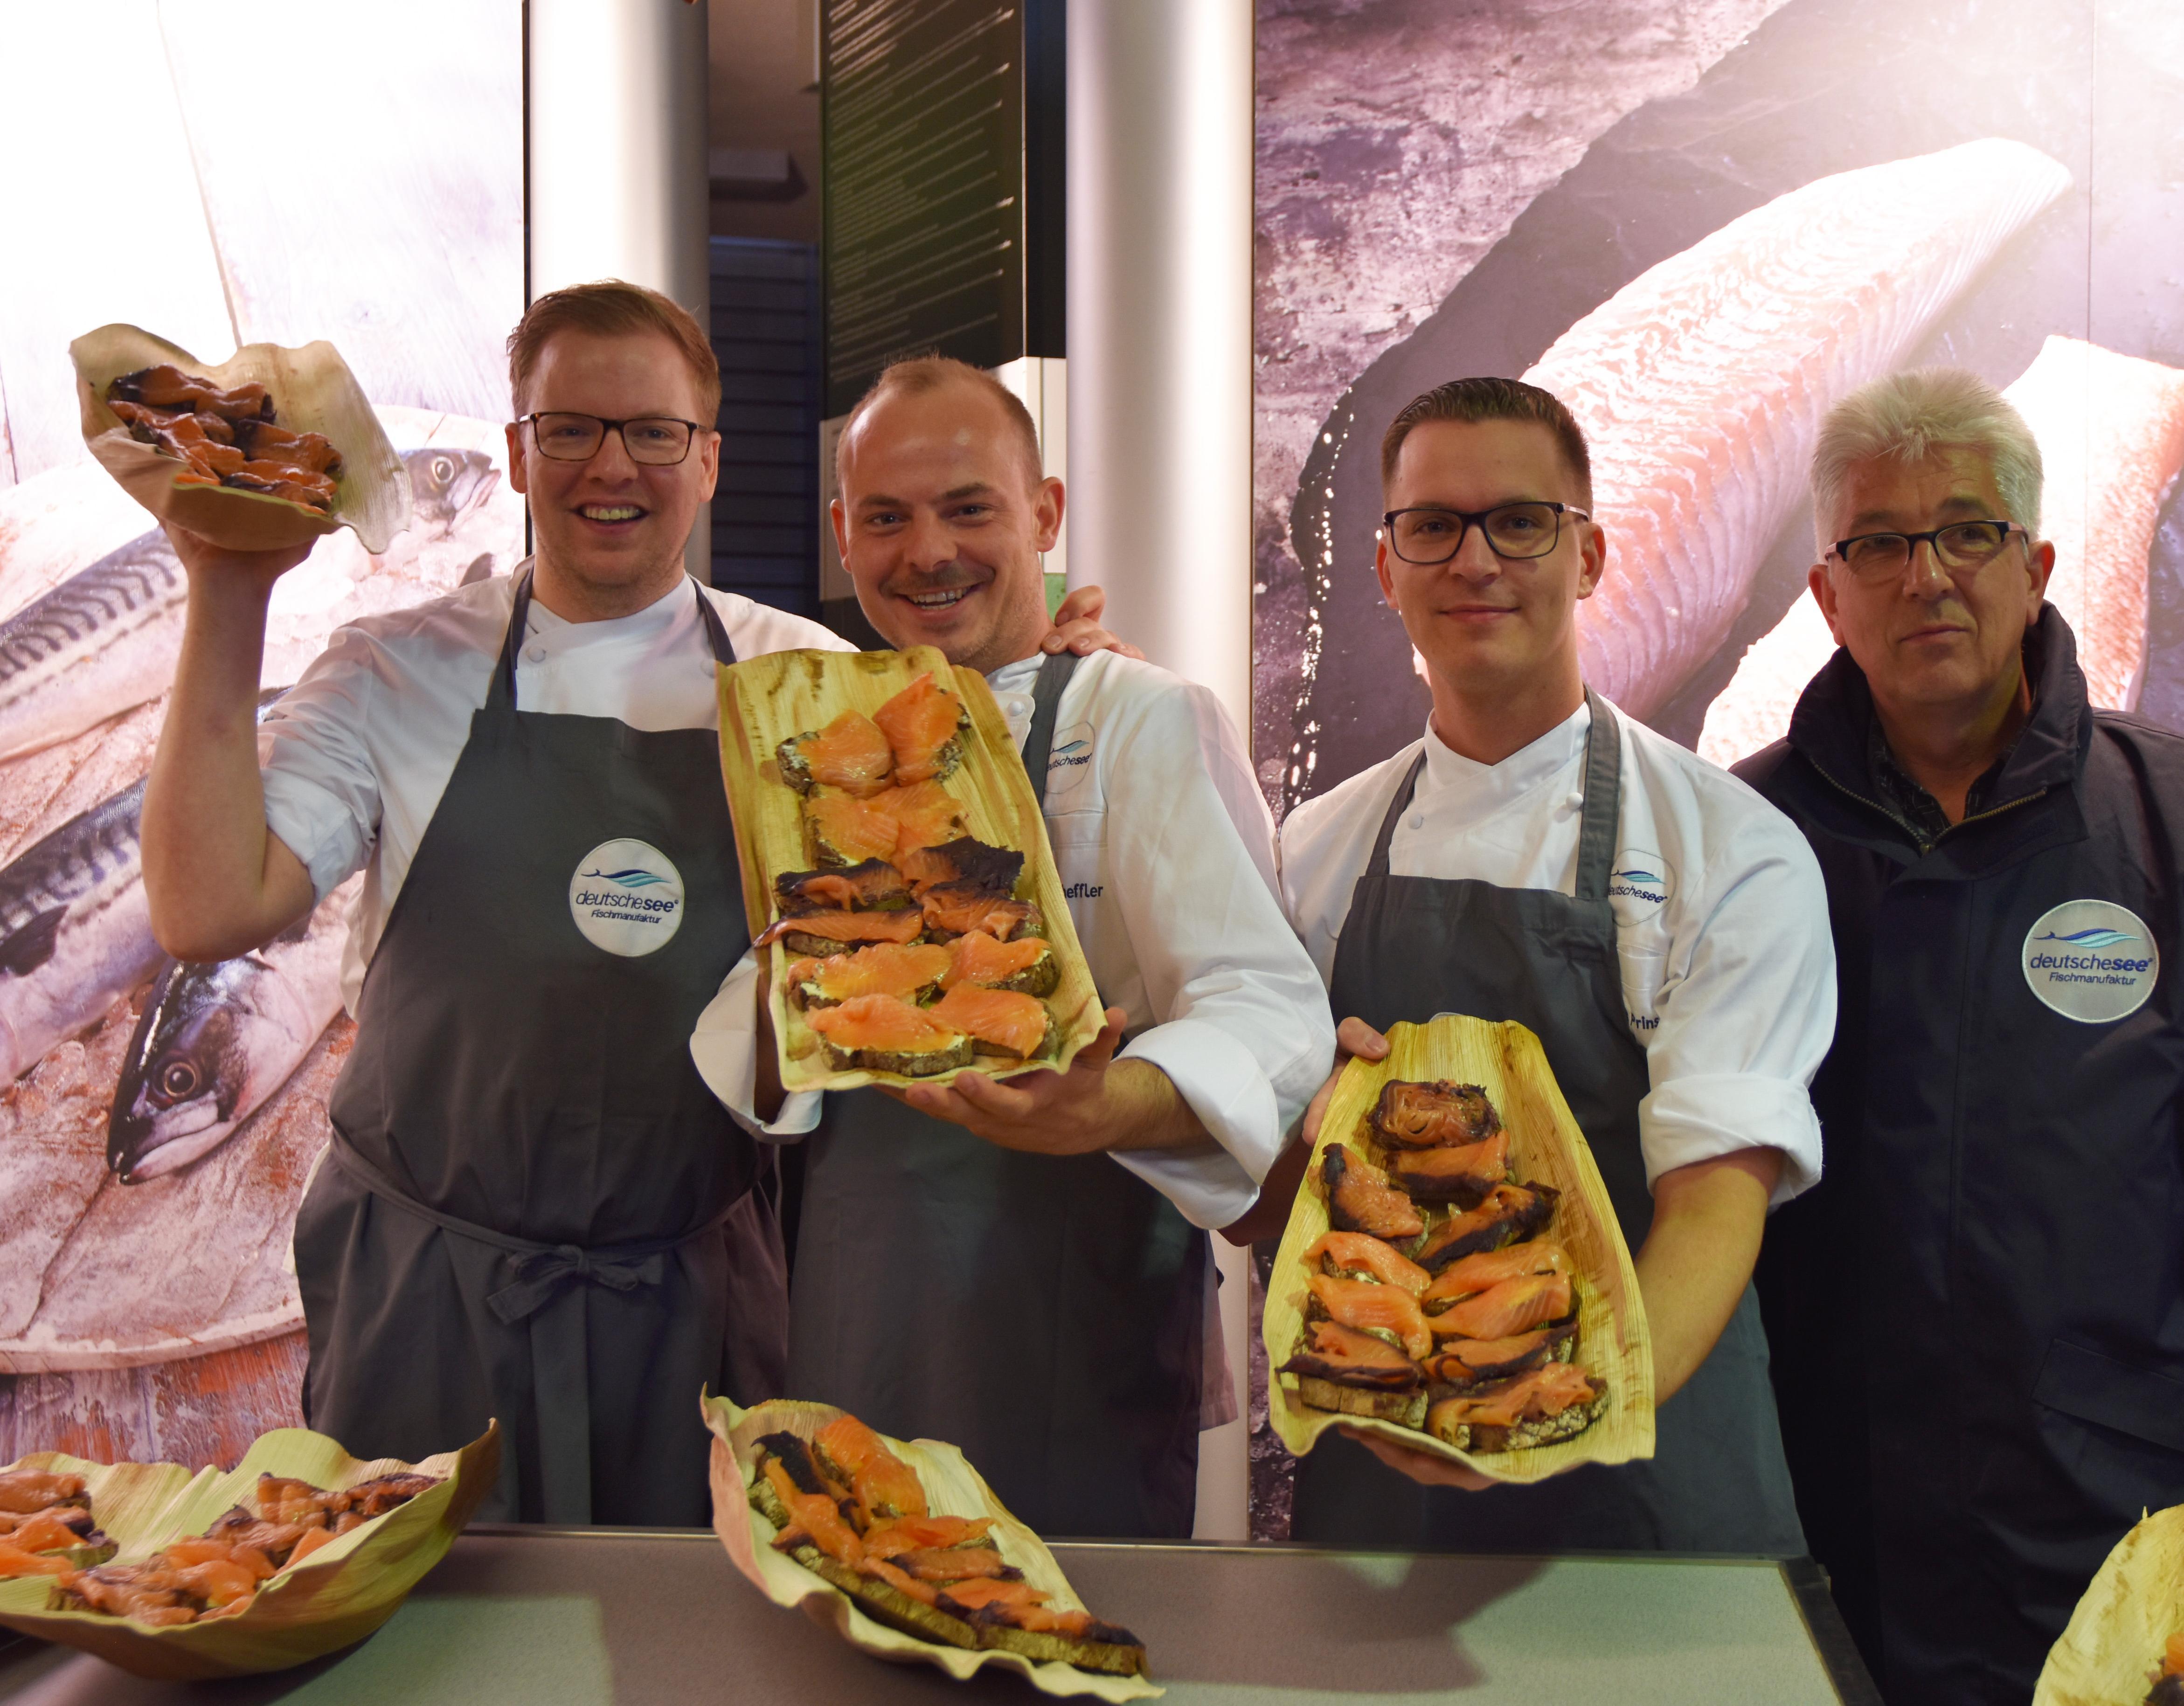 Deutsche See beim 21. Sterne-Cup der Köche in Ischgl